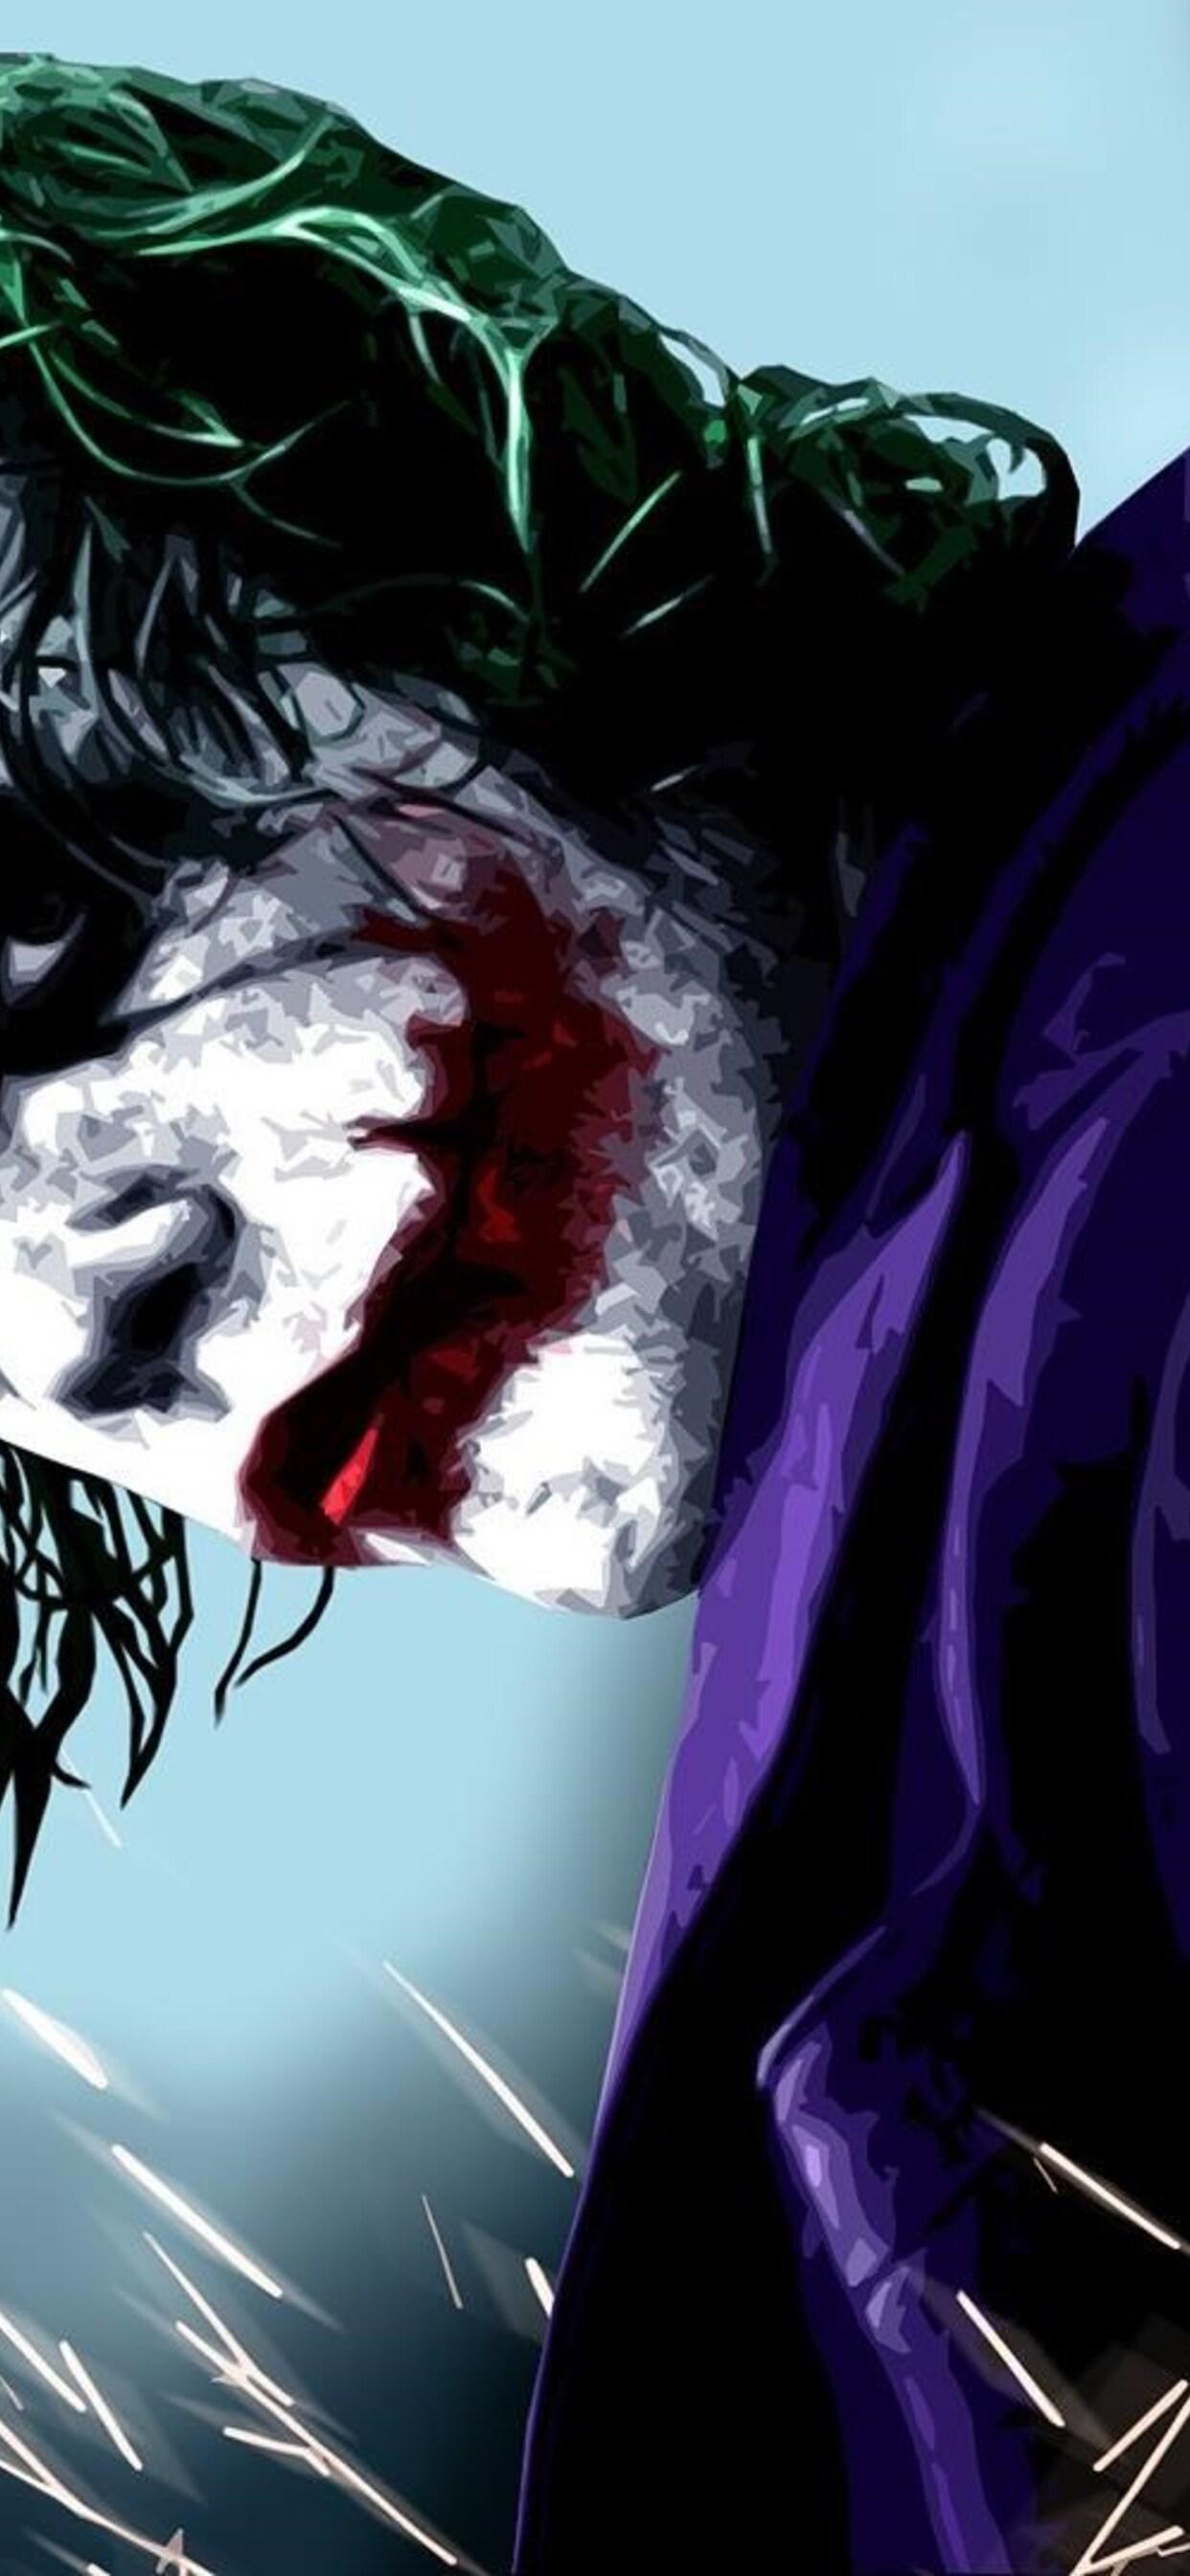 Download Joker Iphone Xs Max Wallpaper